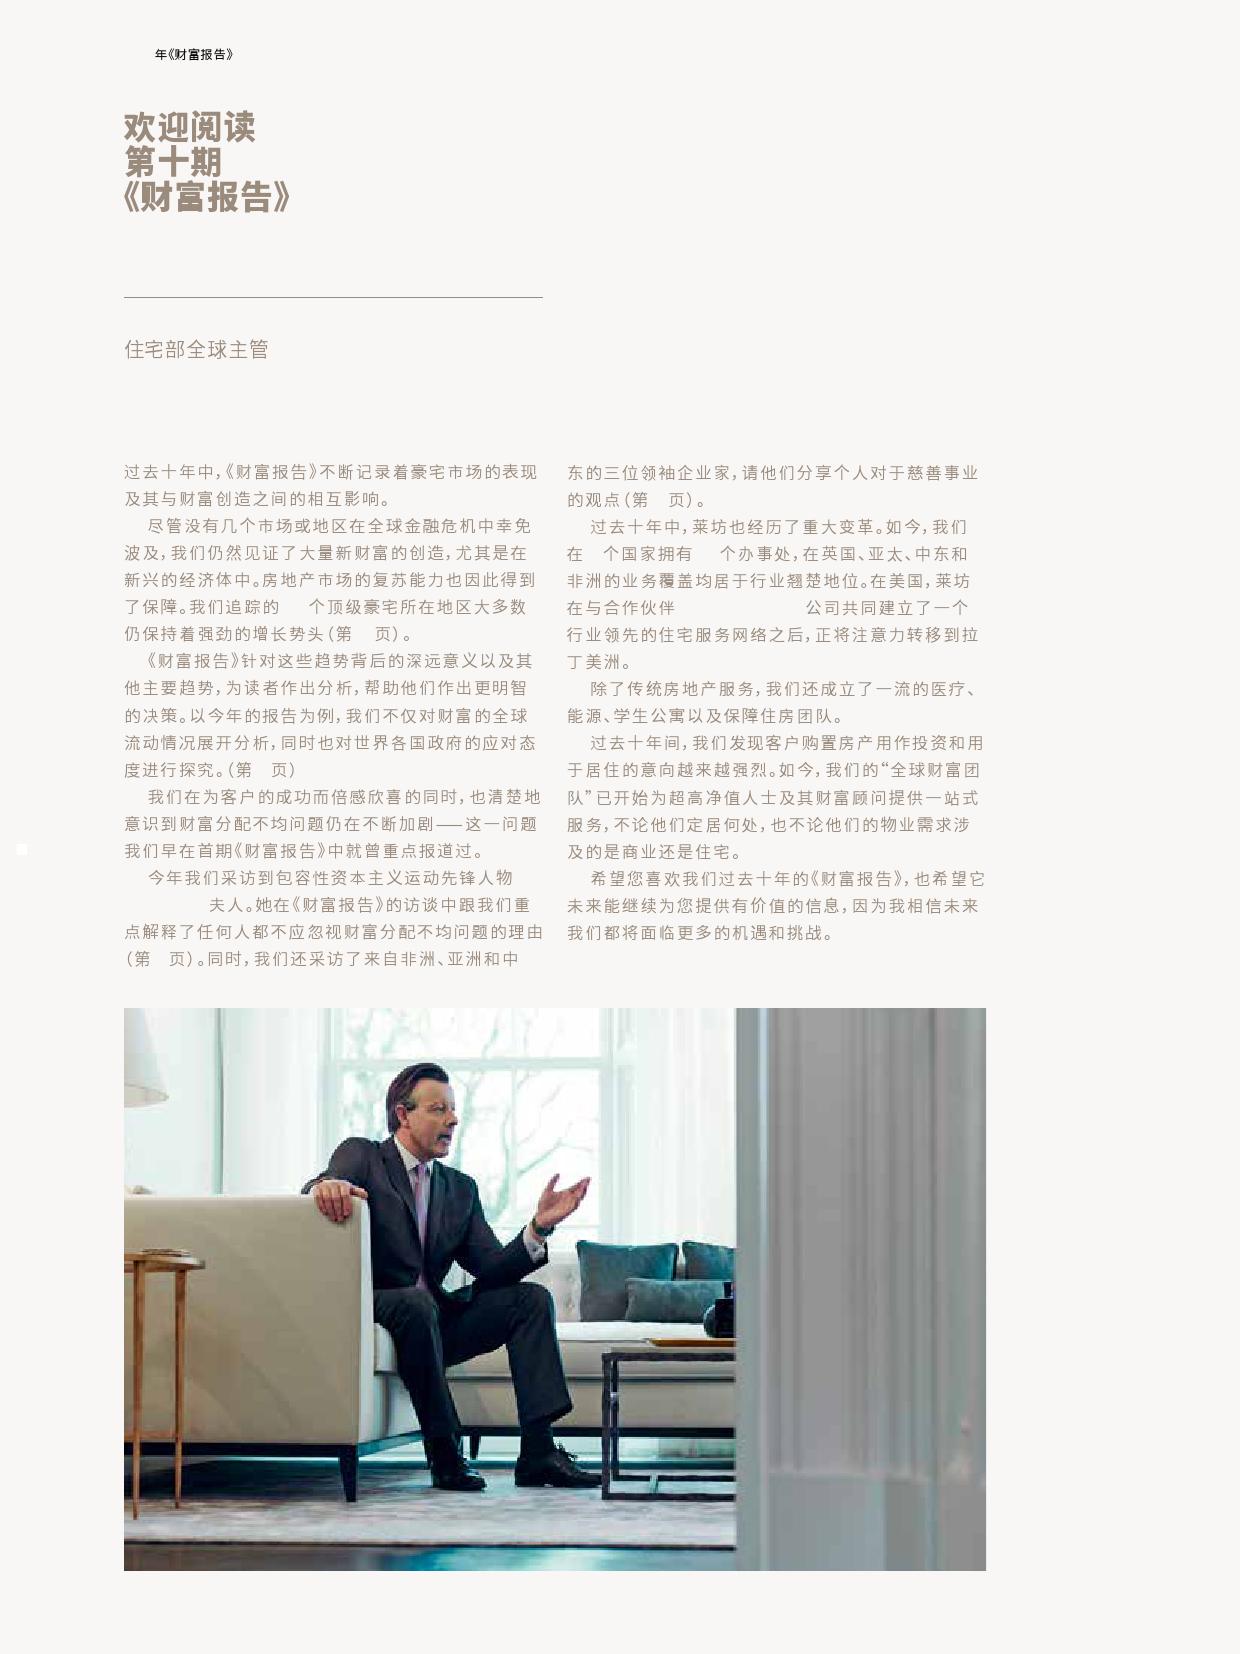 2016全球豪宅与投资展望财富报告_000003